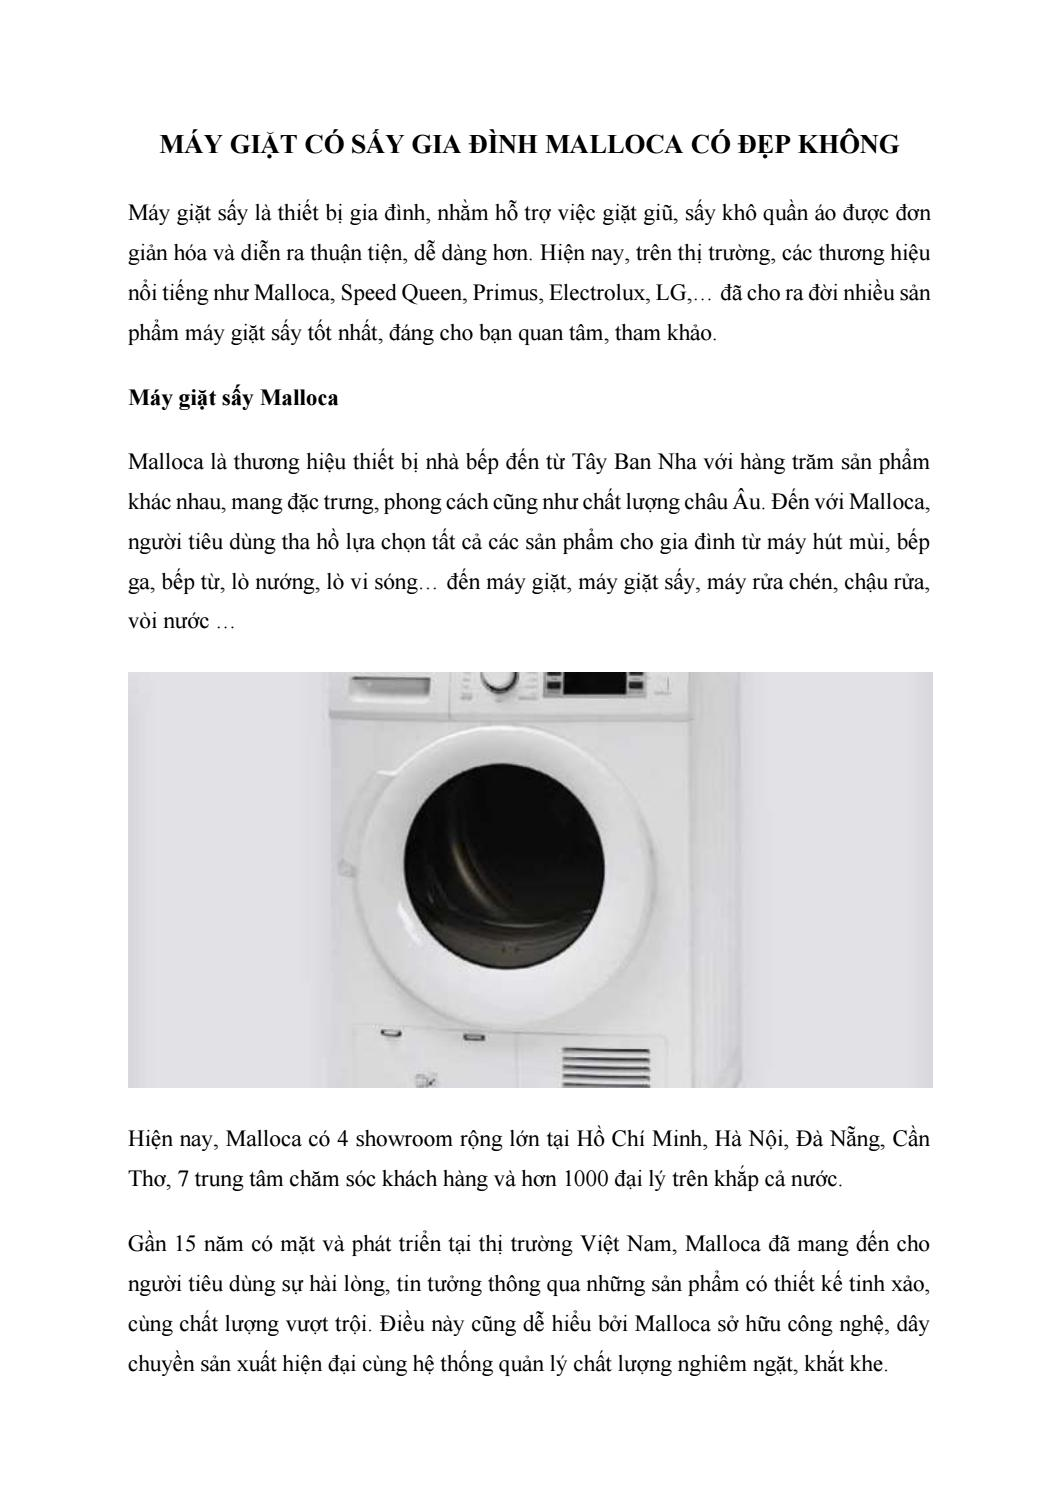 Máy giặt có sấy gia đình Malloca có đẹp không by hhanh9450 - issuu